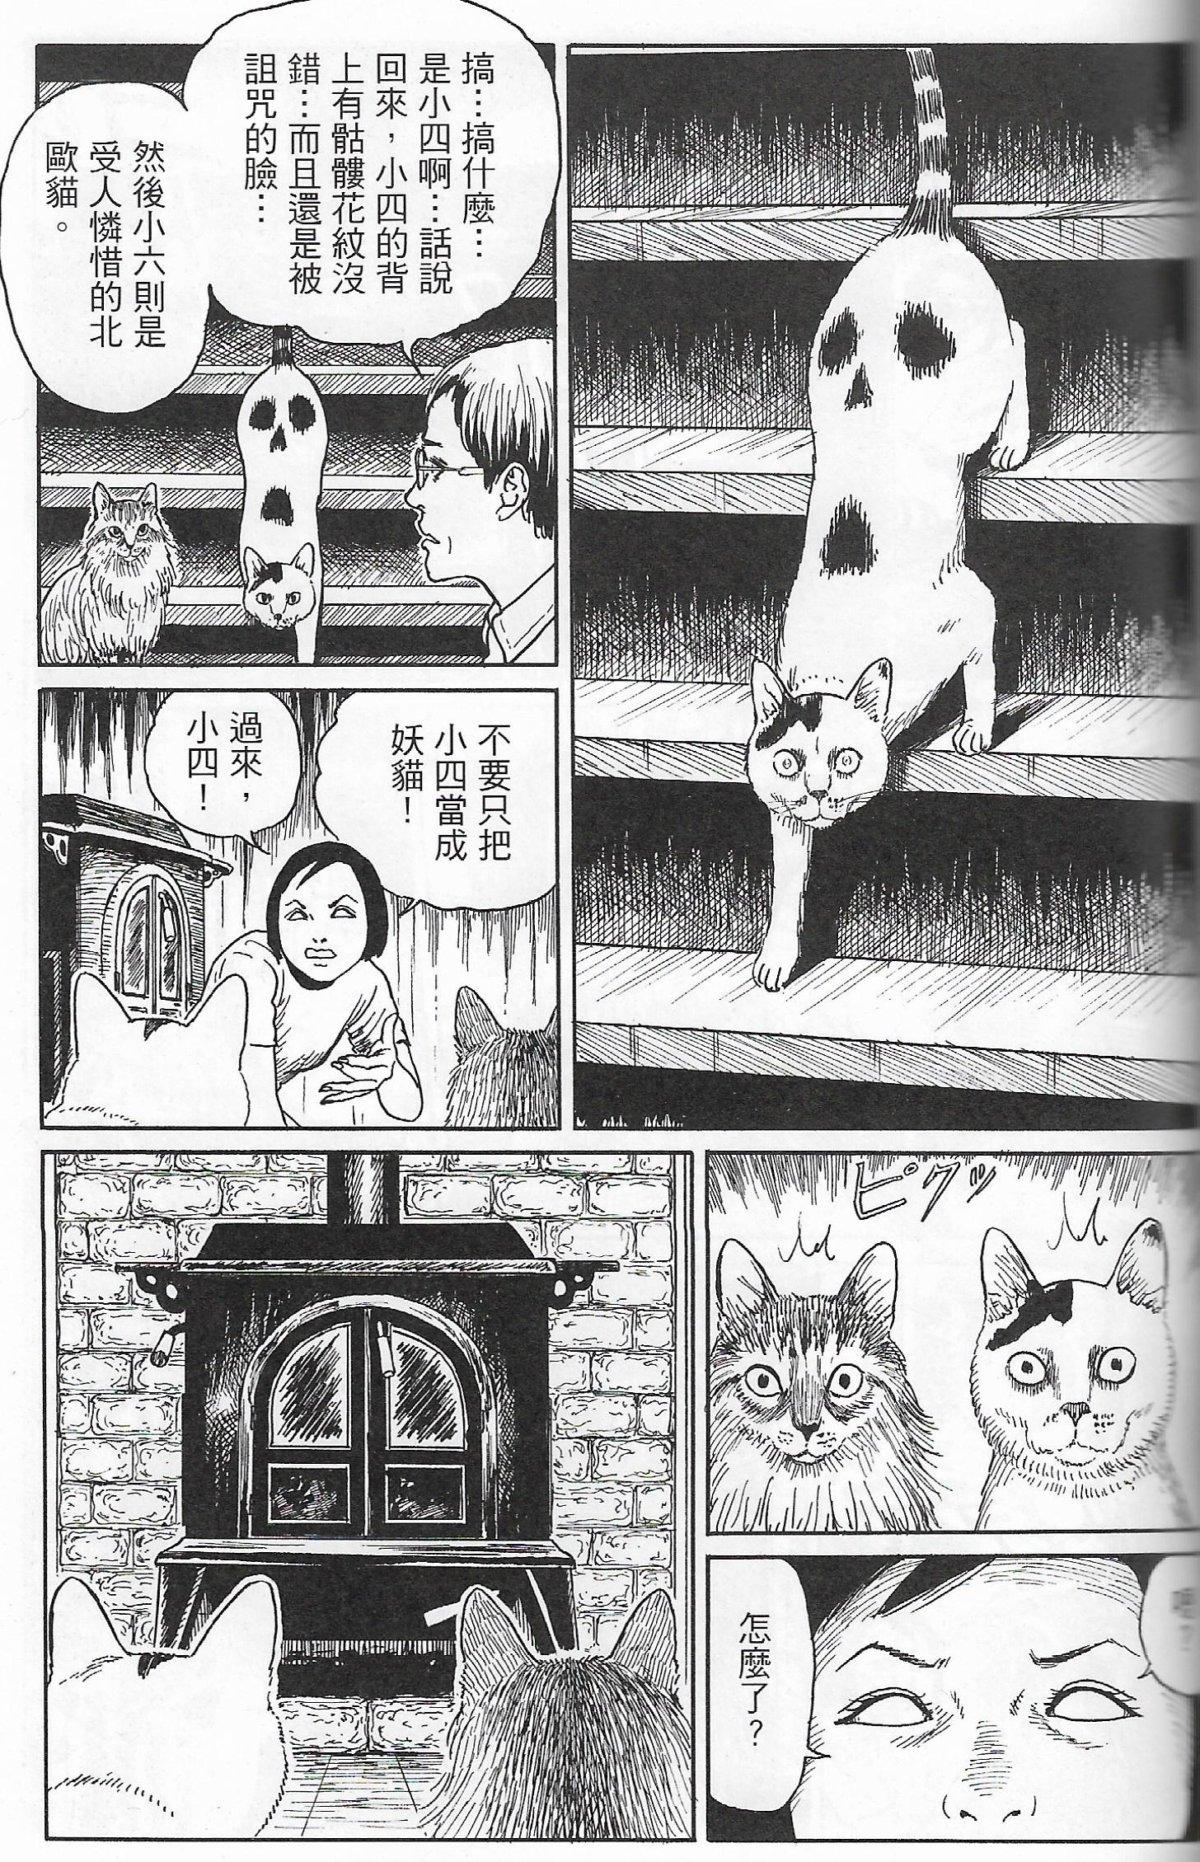 《小四&小六的鬼屋》:伊藤和妻子進入古老大屋;發現氣氛不對;瞥見幽靈:原來是貓兒小四,一場虛驚。